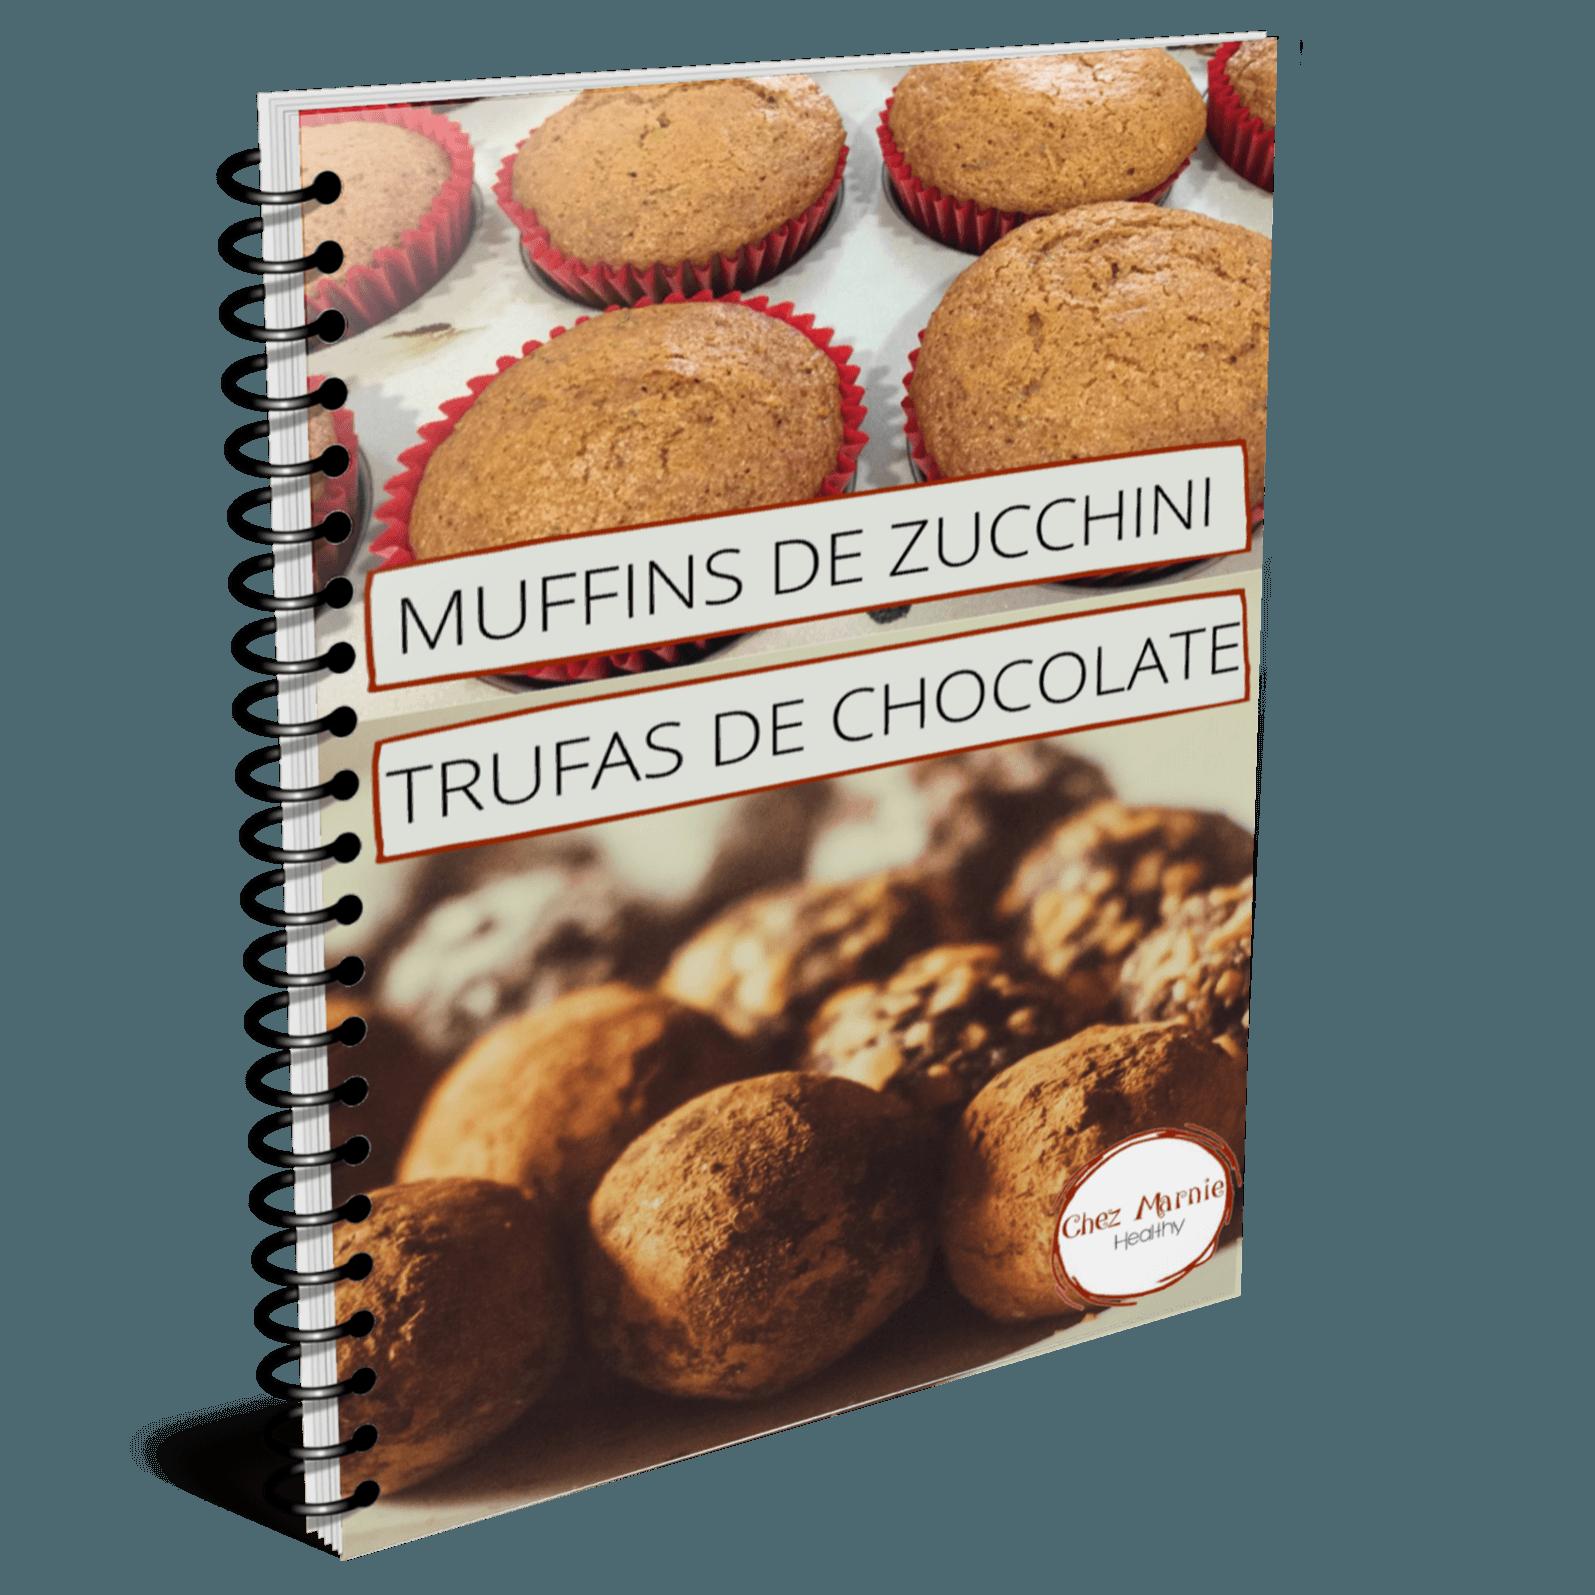 muffins y trufas